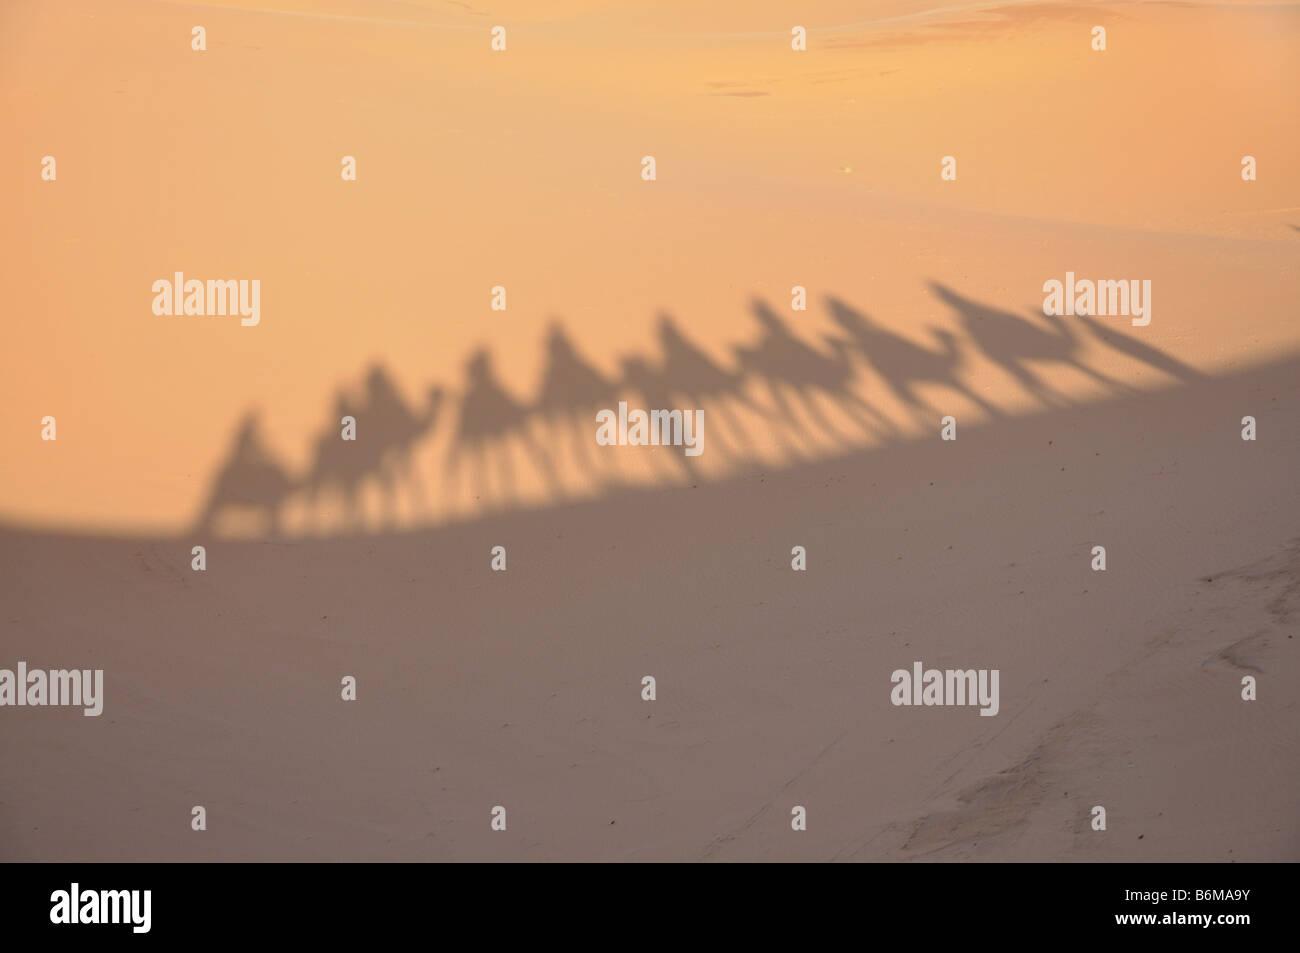 Sombras de camellos en el desierto del Sahara Merzouga, Marruecos Foto de stock